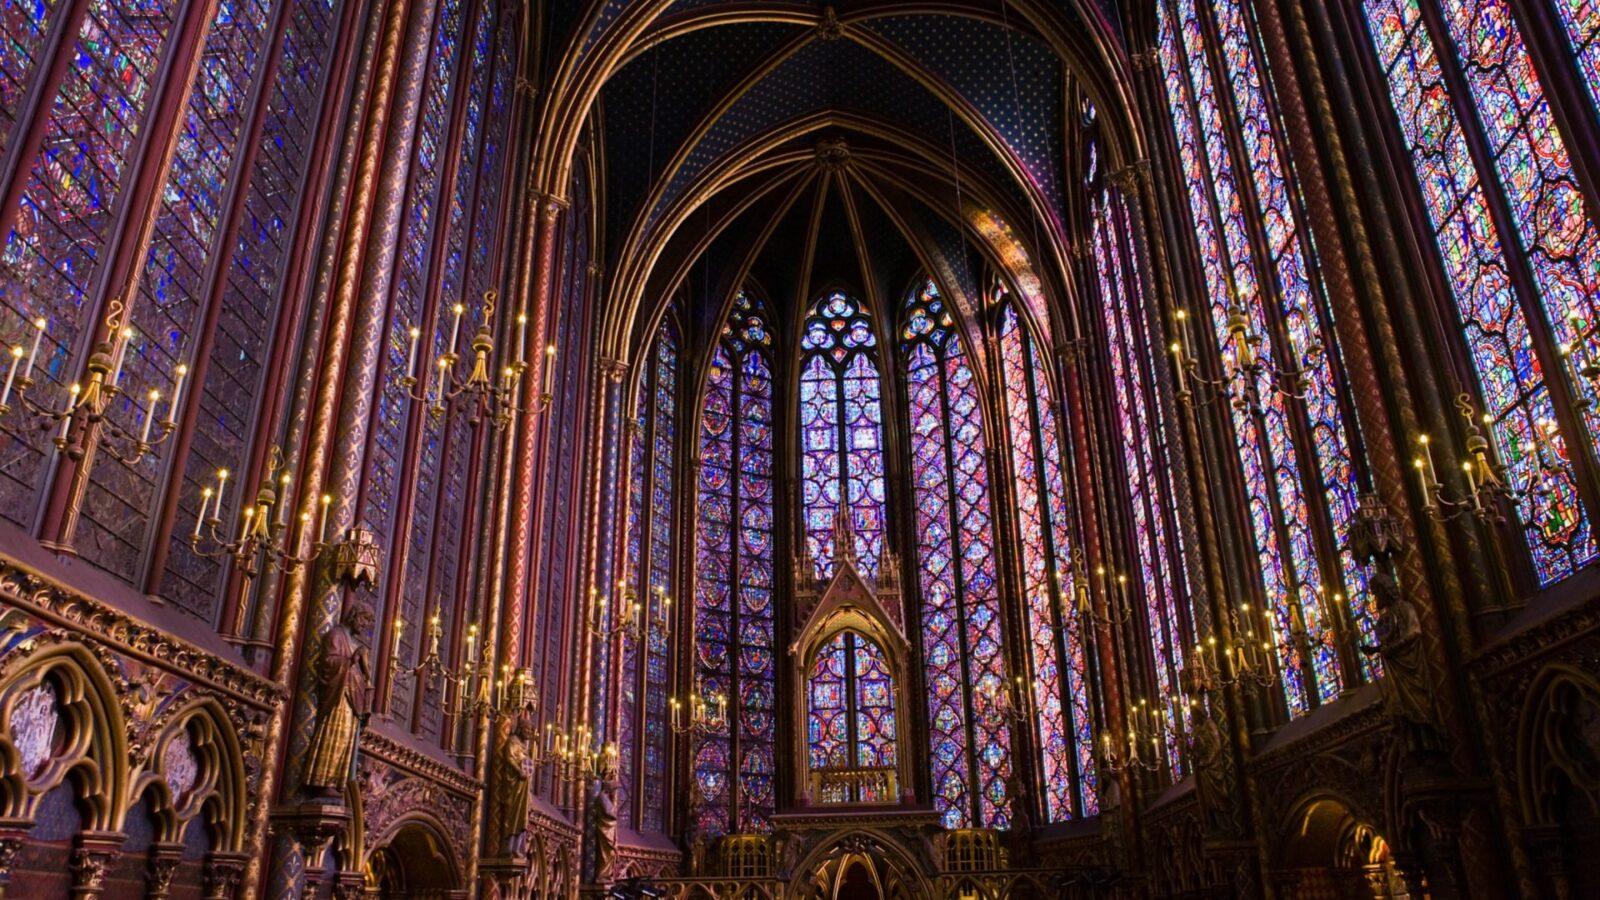 Concerts at La Sainte-Chapelle